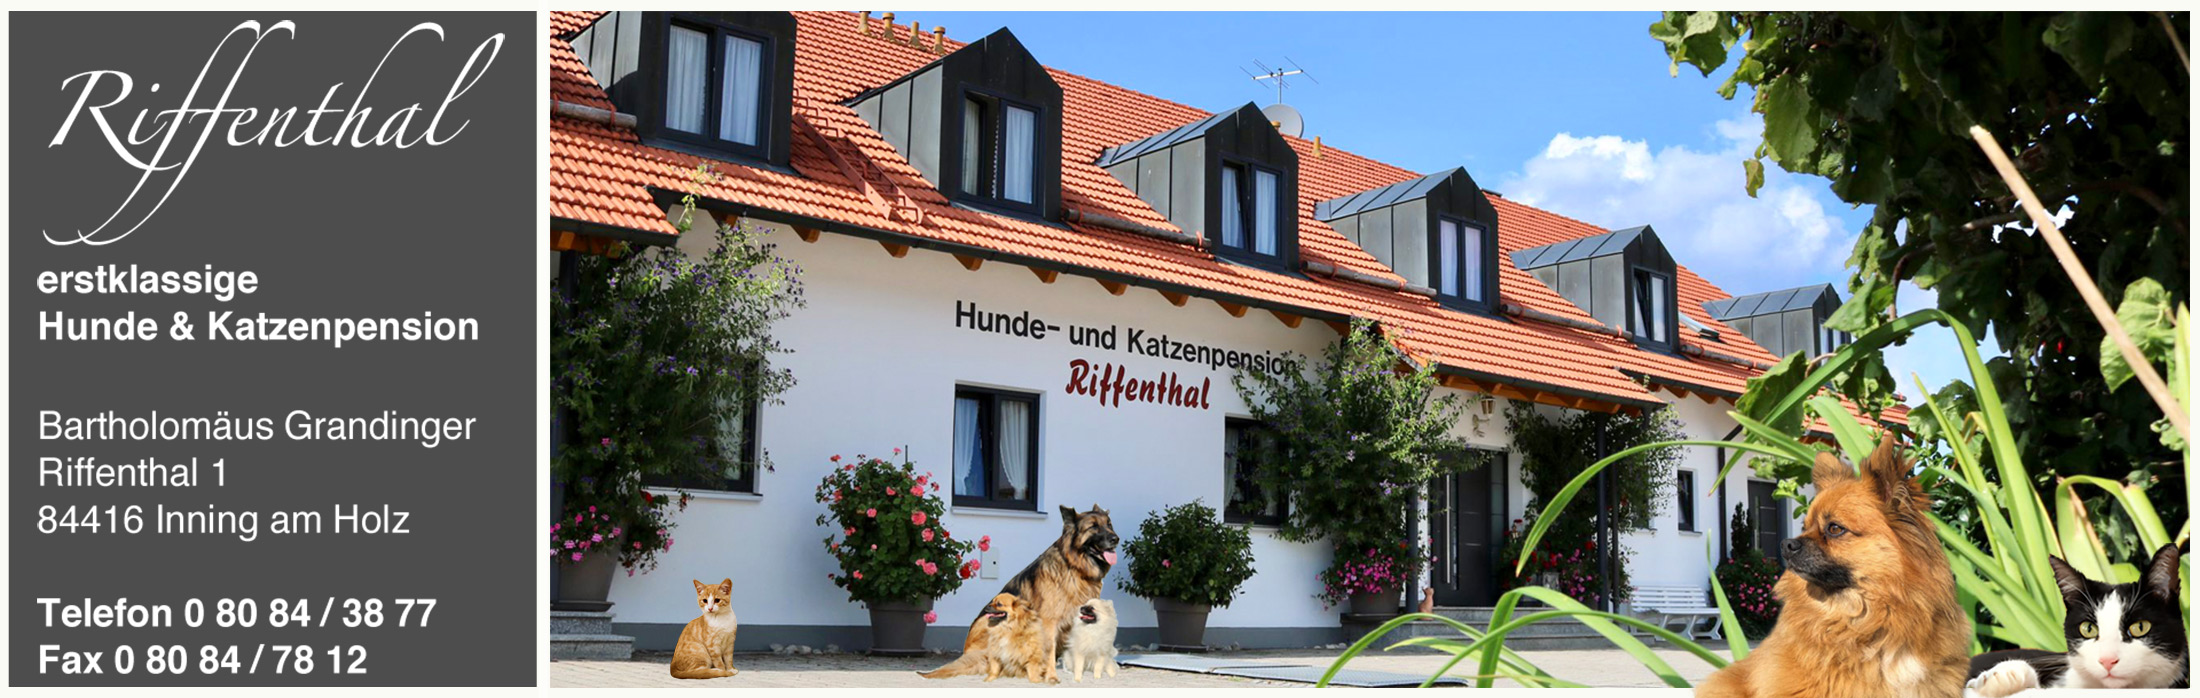 Hunde und Katzenpension Riffenthal